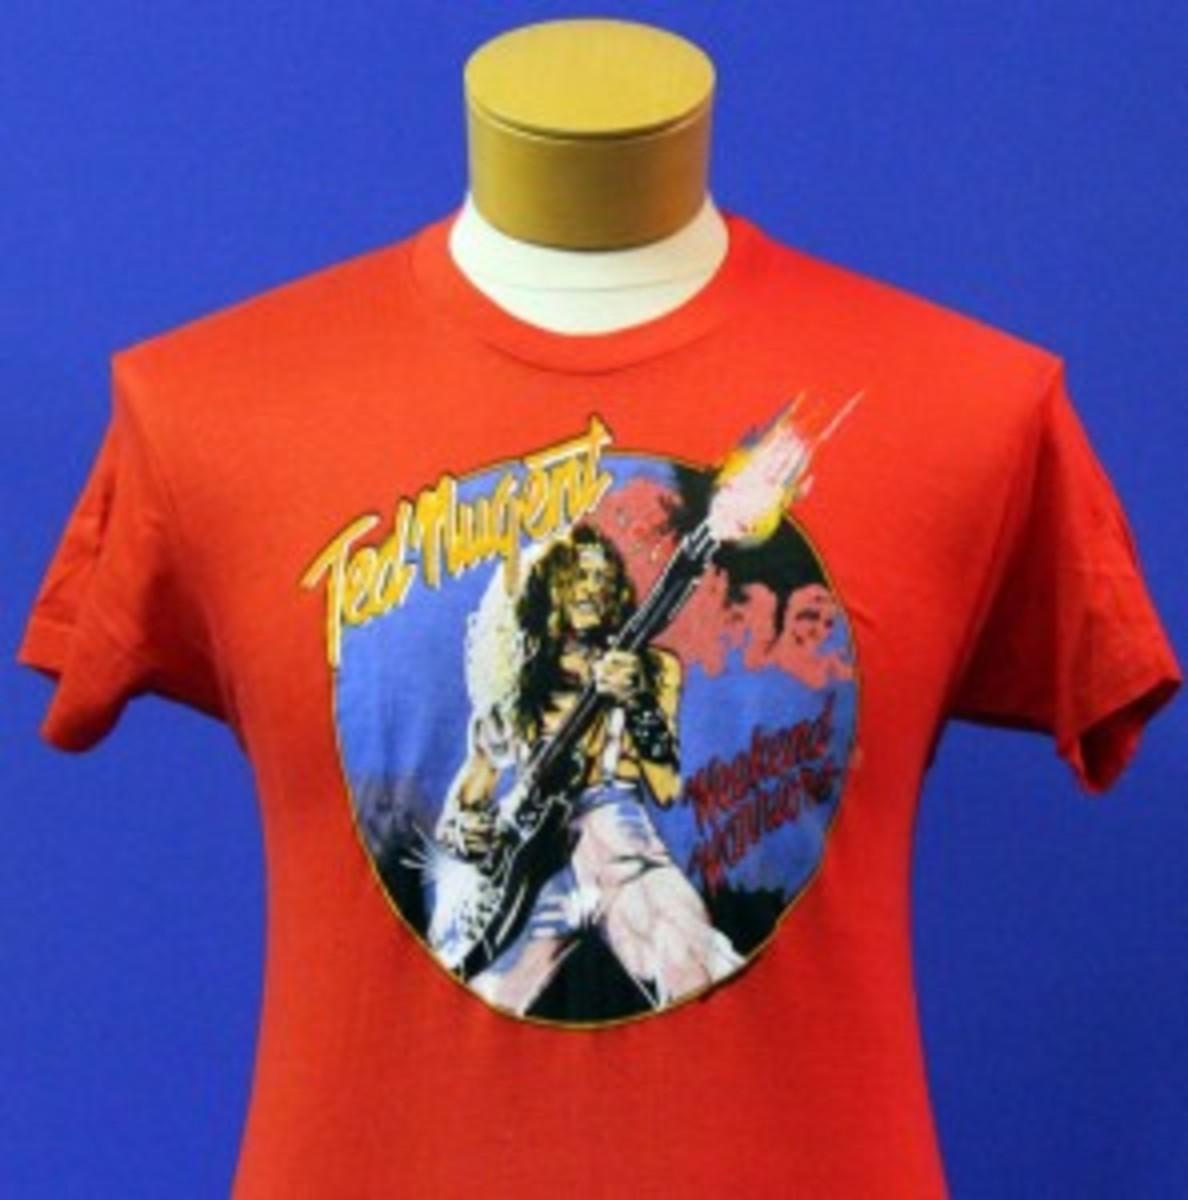 Ted Nugent vintage concert T-shirt